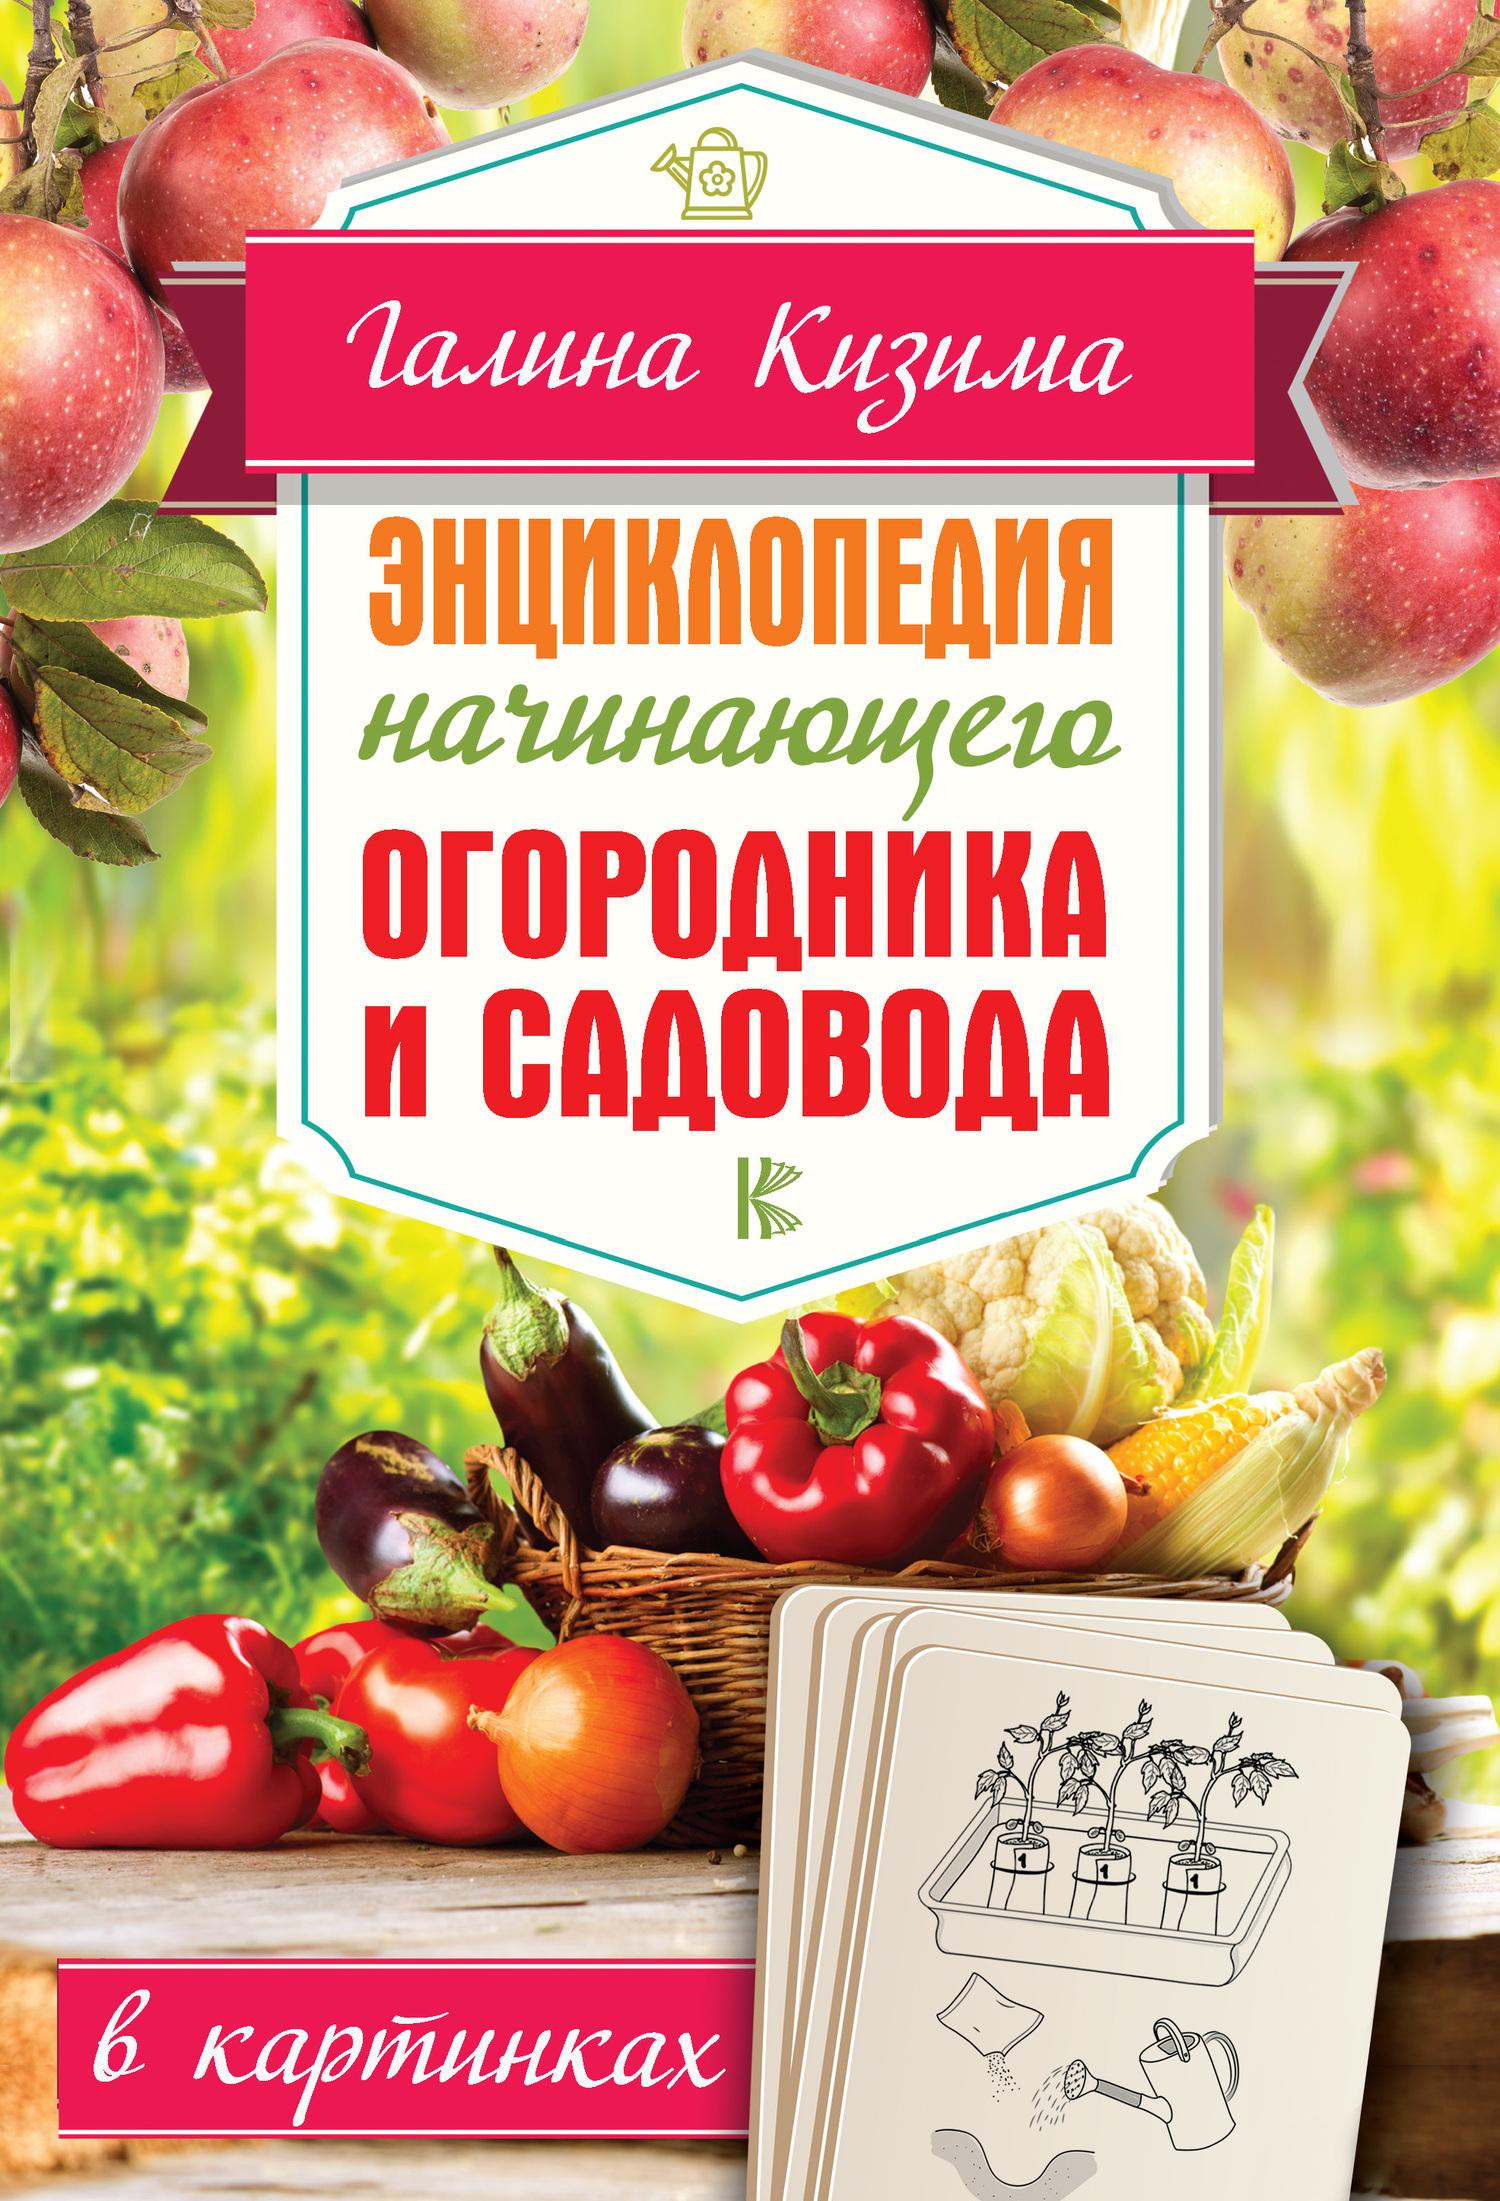 Энциклопедия начинающего огородника и садовода в картинках